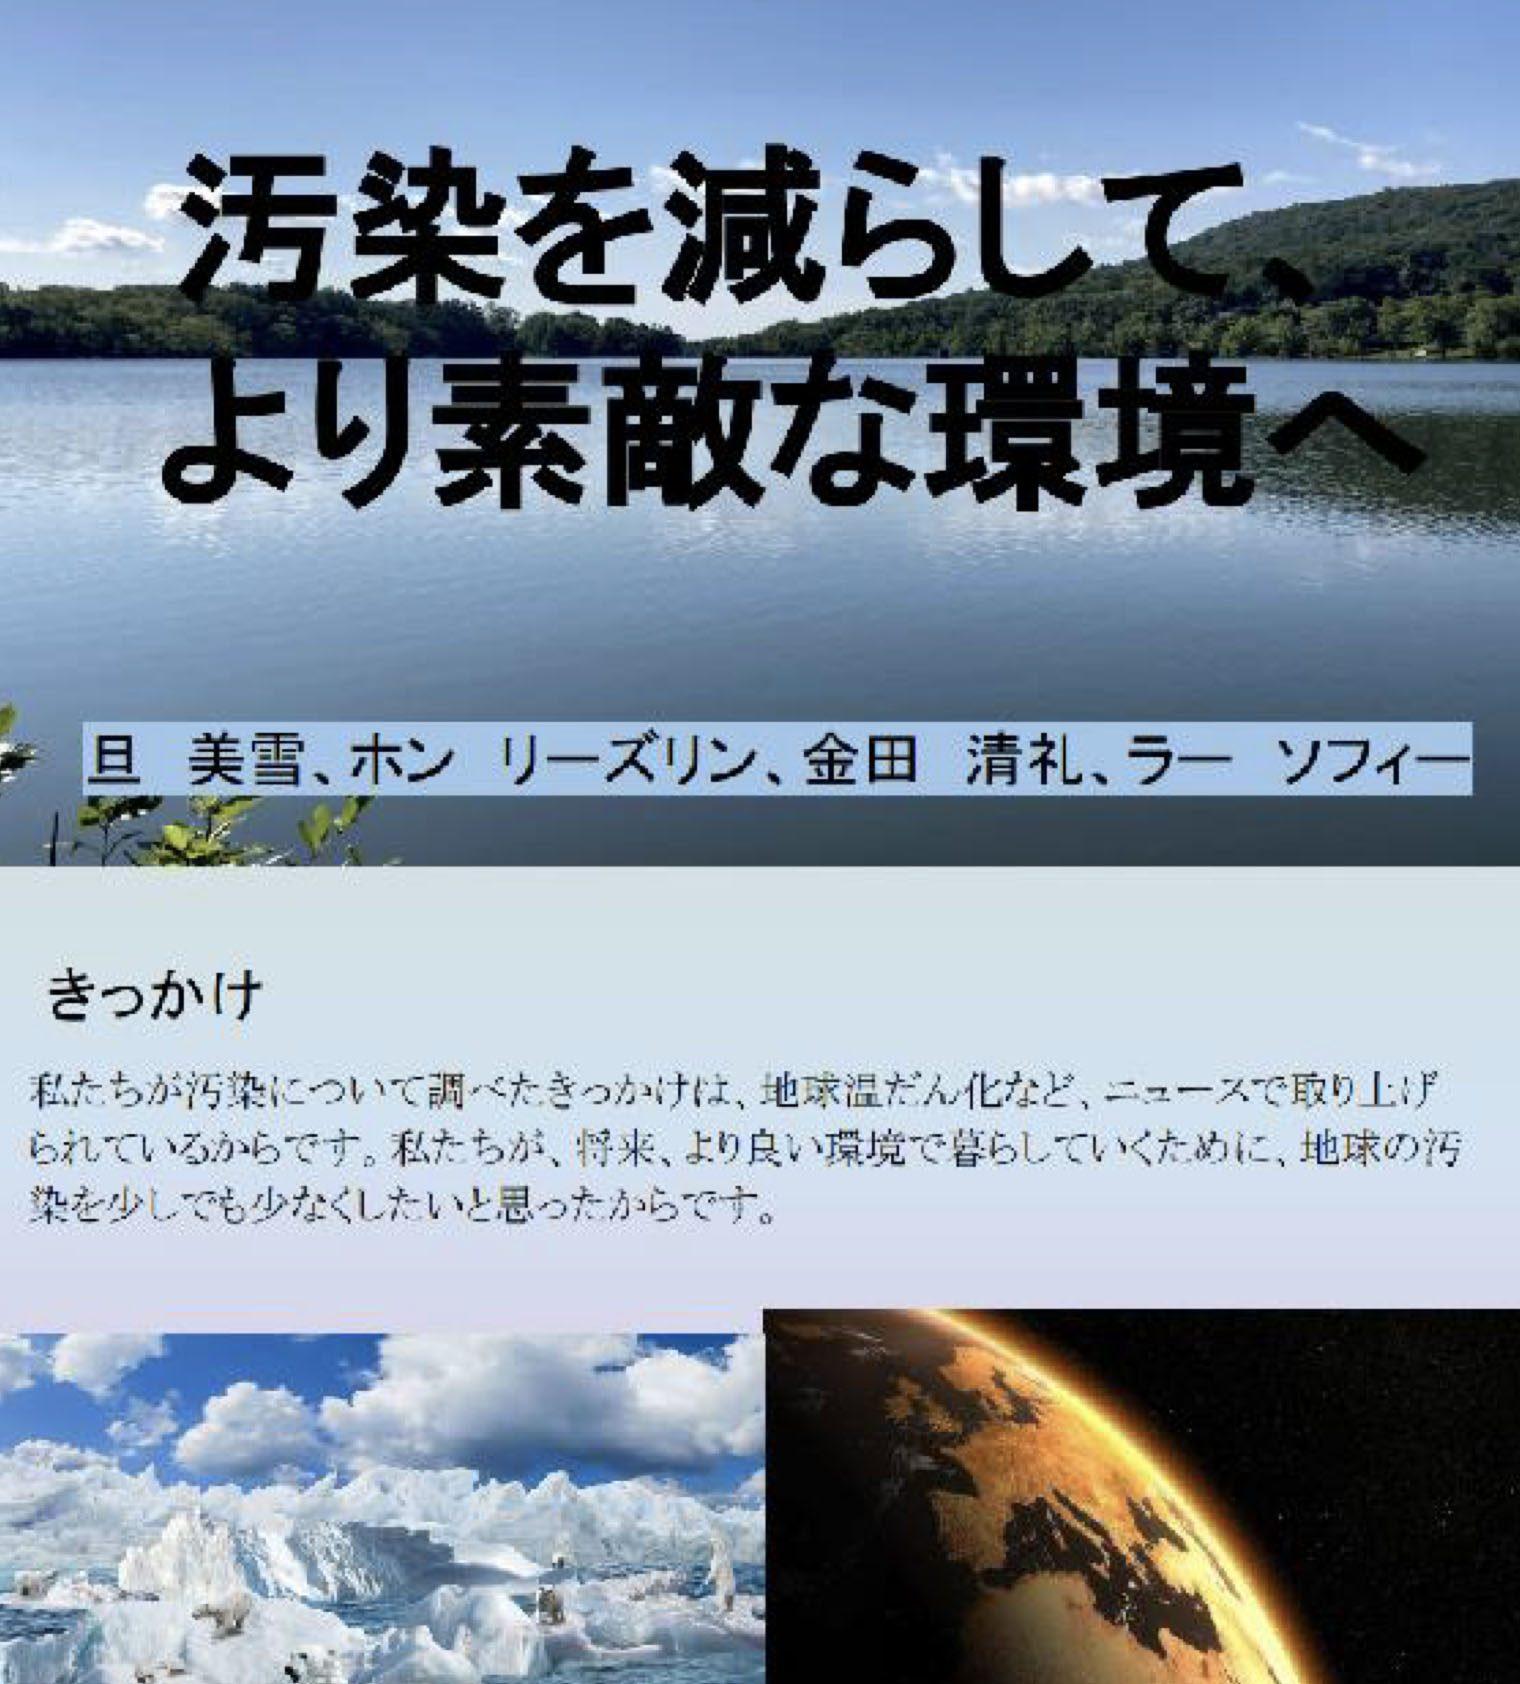 「私たちできること」-「汚染を減らして、より素敵な環境へ」